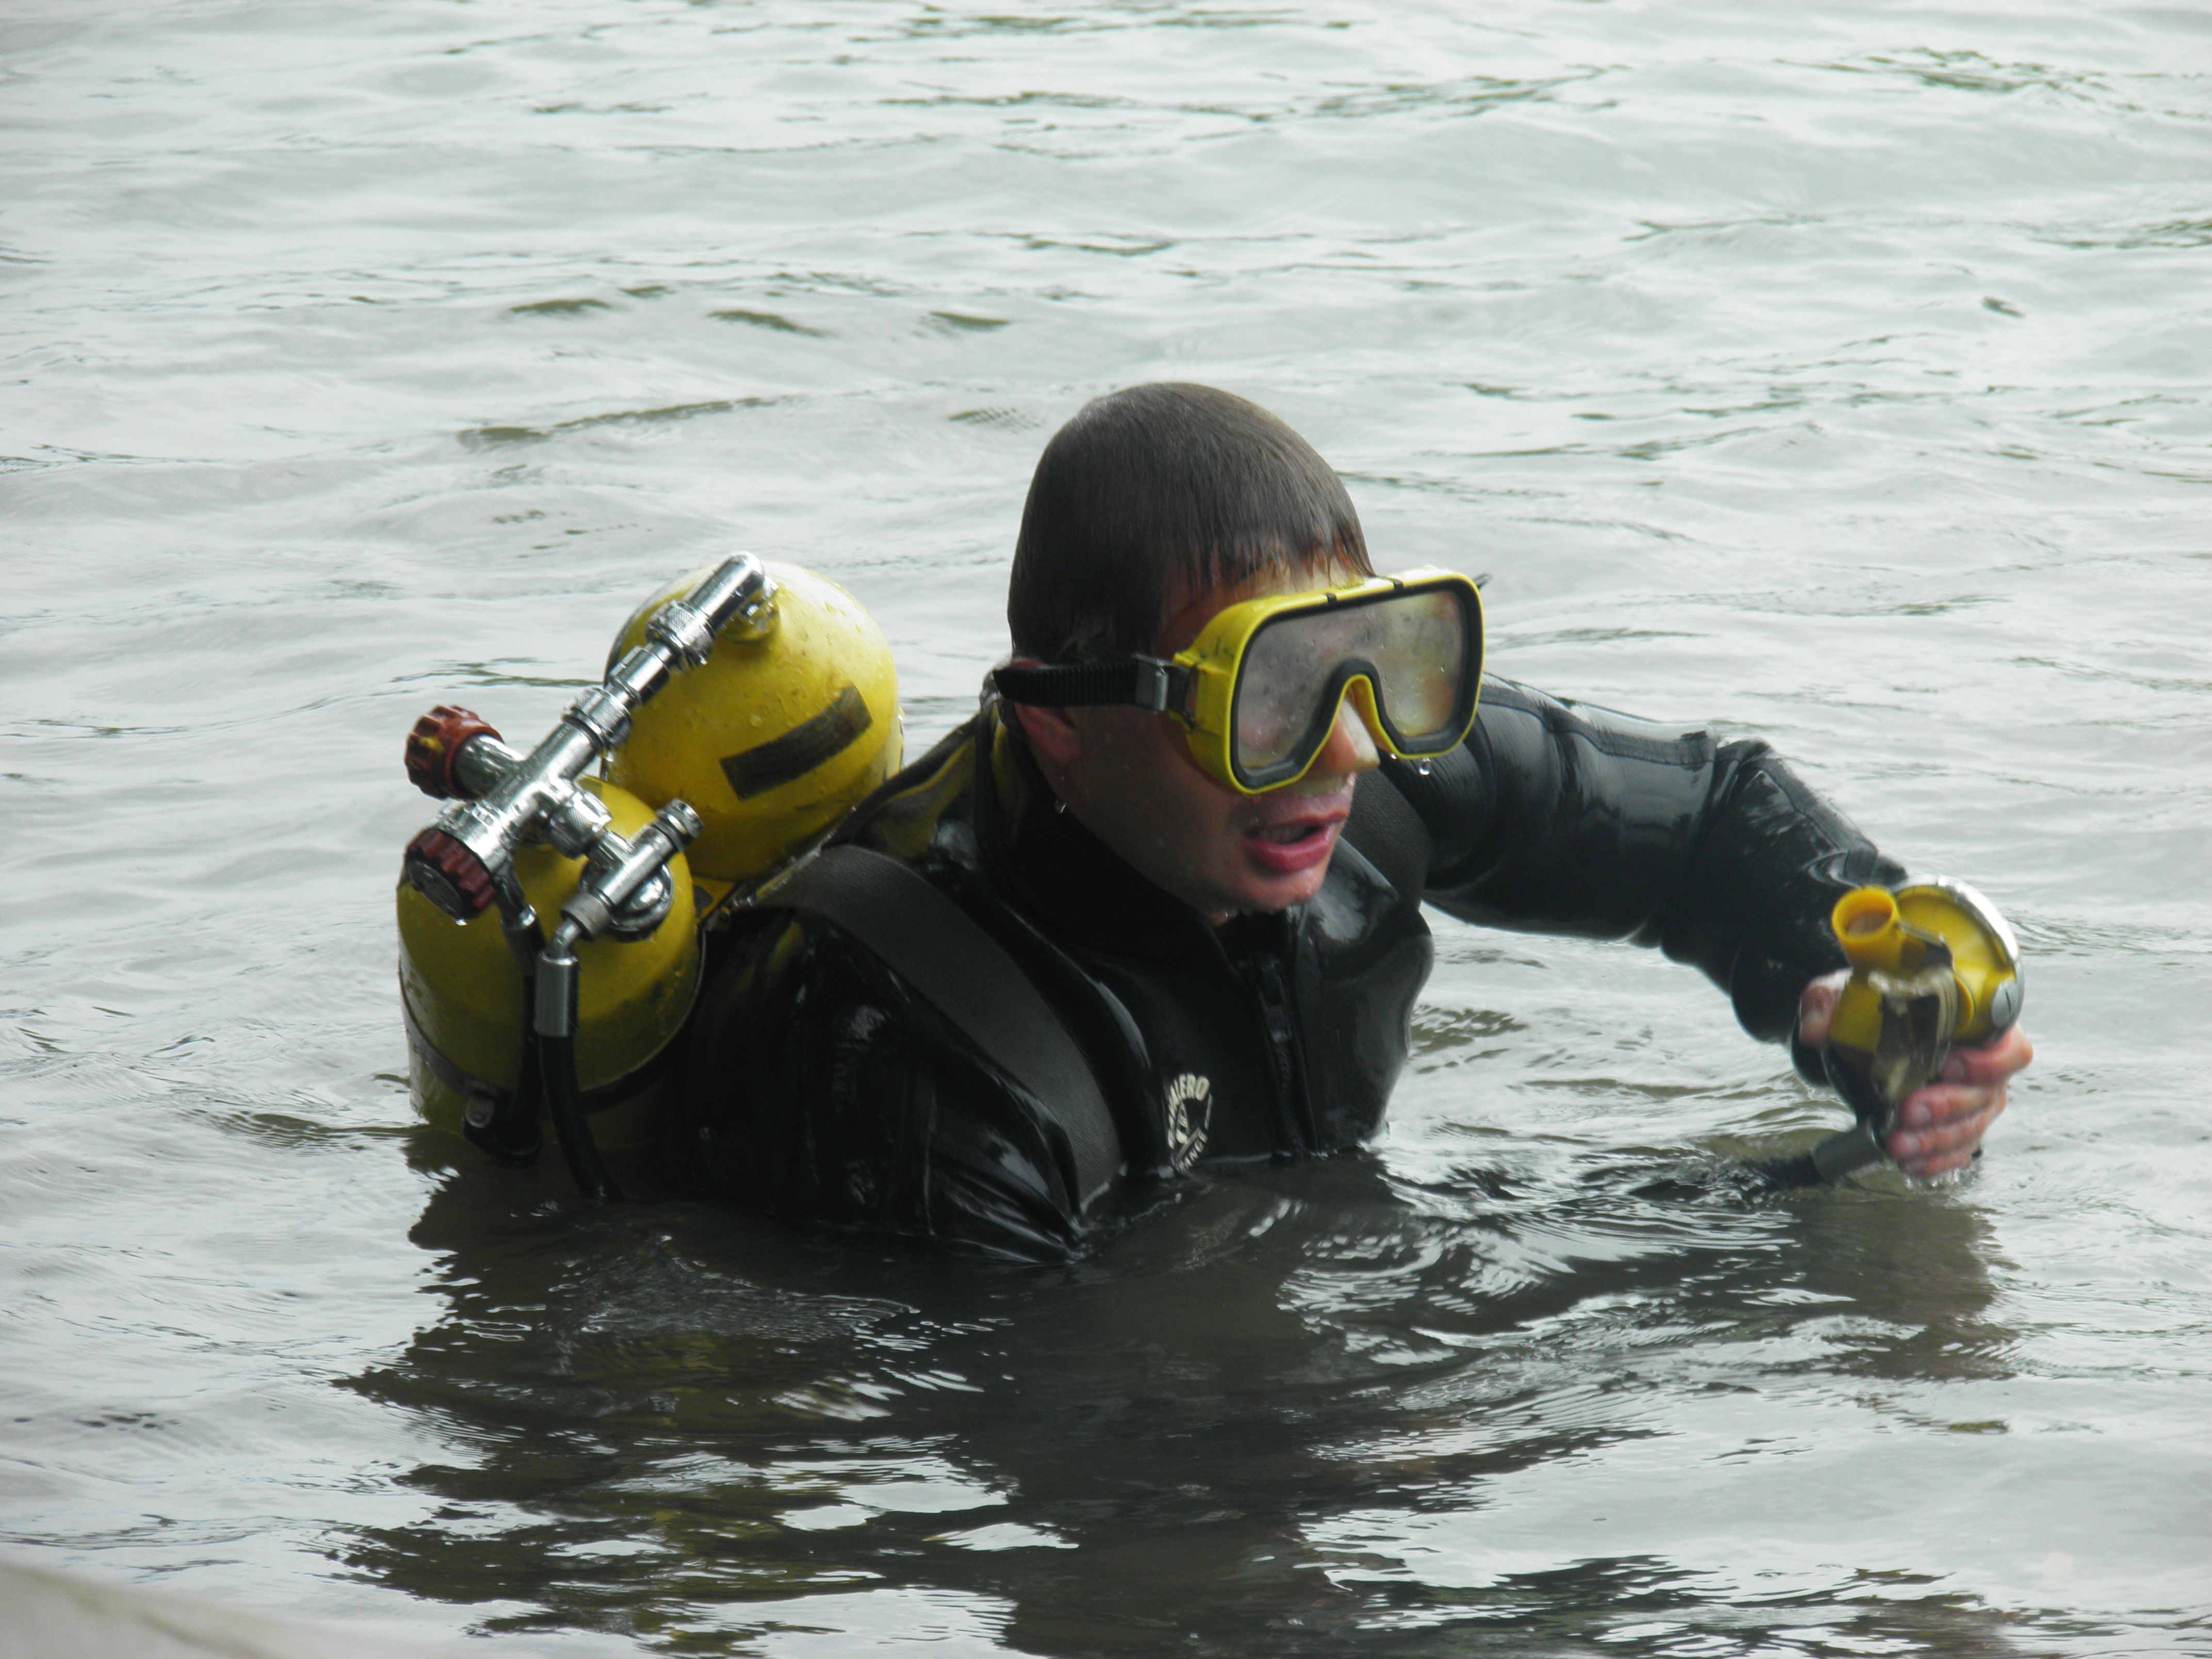 Рятувальники продовжують пошуки двох дітей, які, ймовірно, втопилися в Тисі